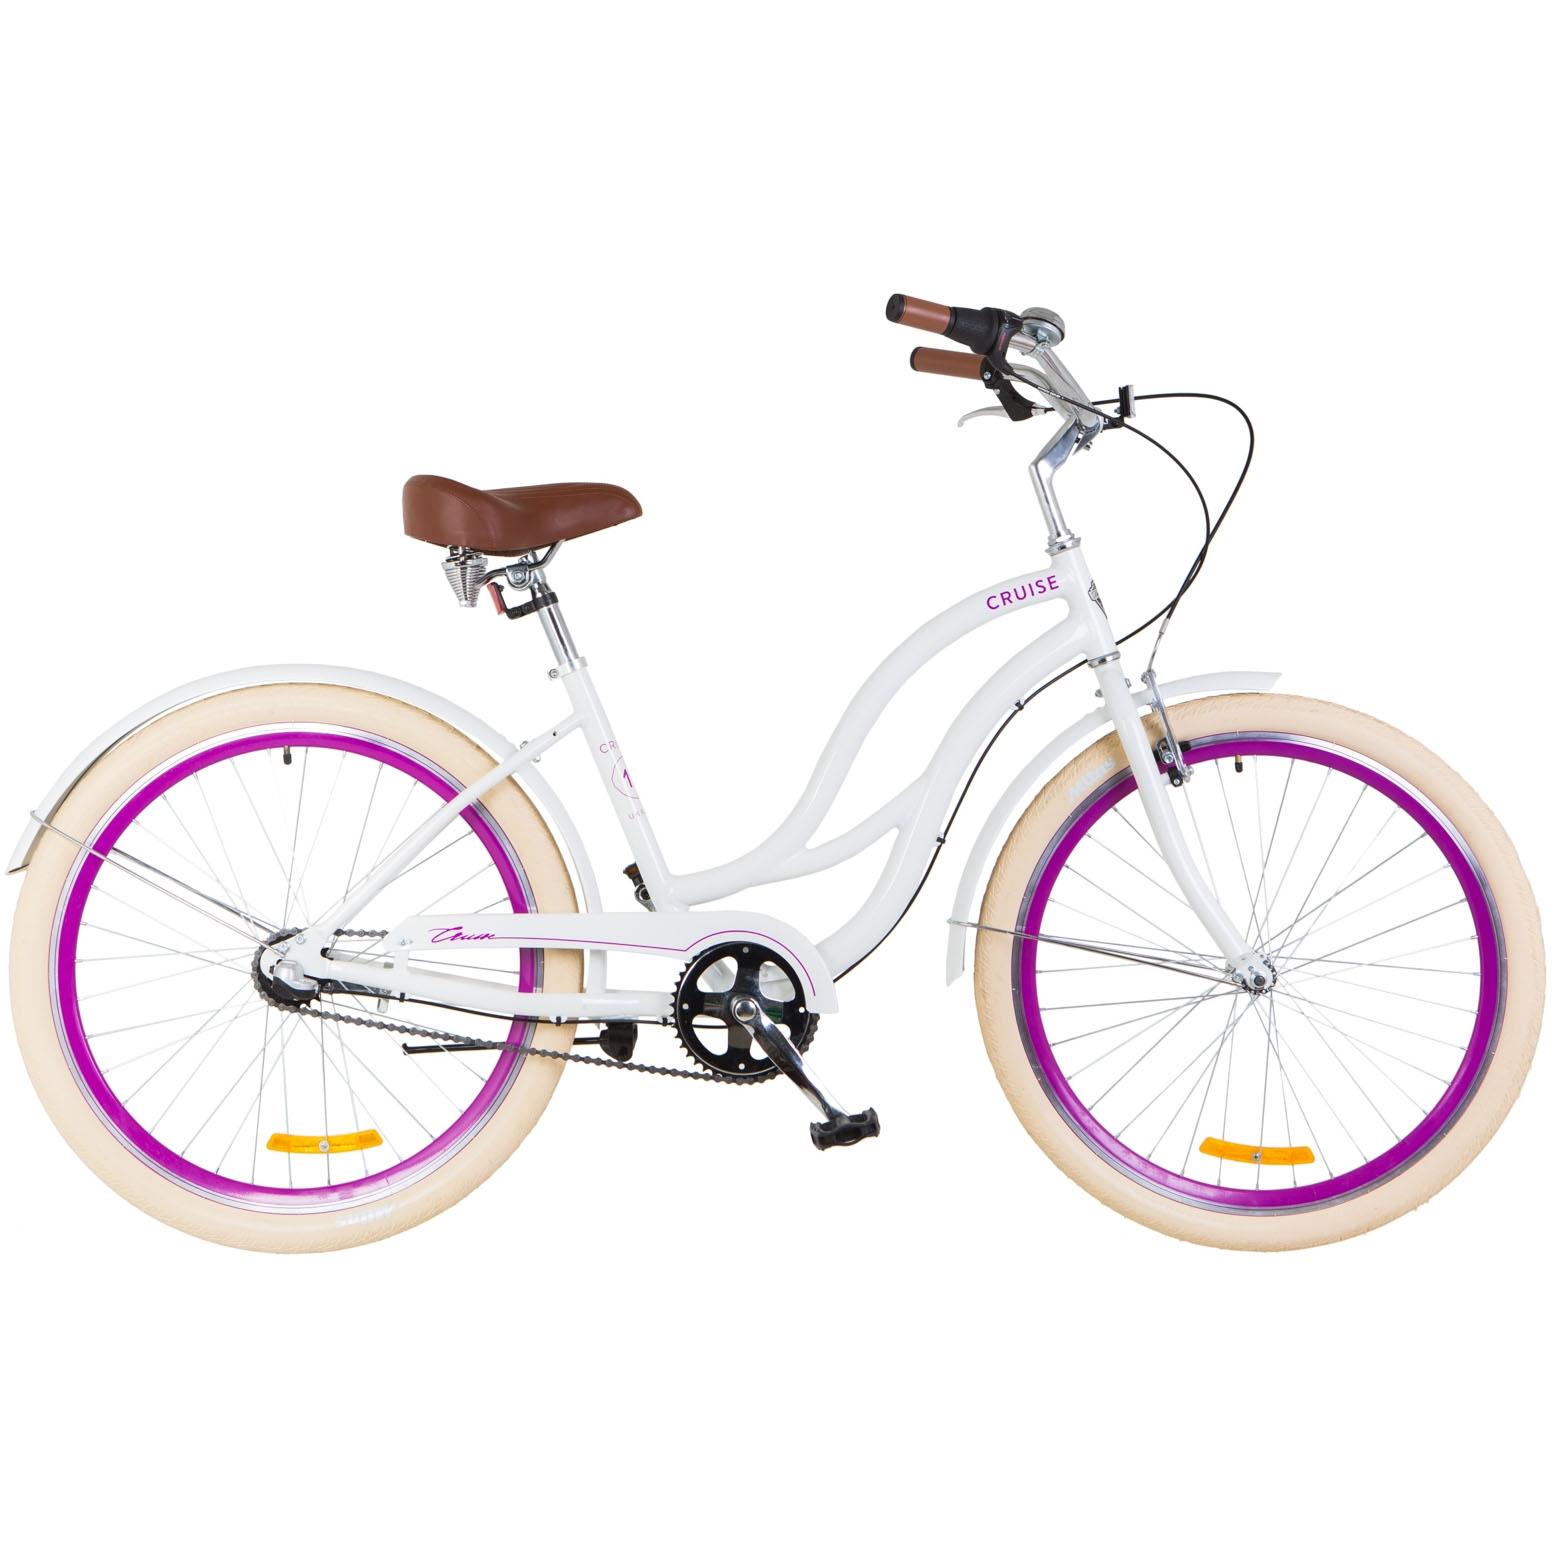 Фото Городской Велосипед 26″ Dorozhnik CRUISE 14G планет. бело-фиолетовый 2018